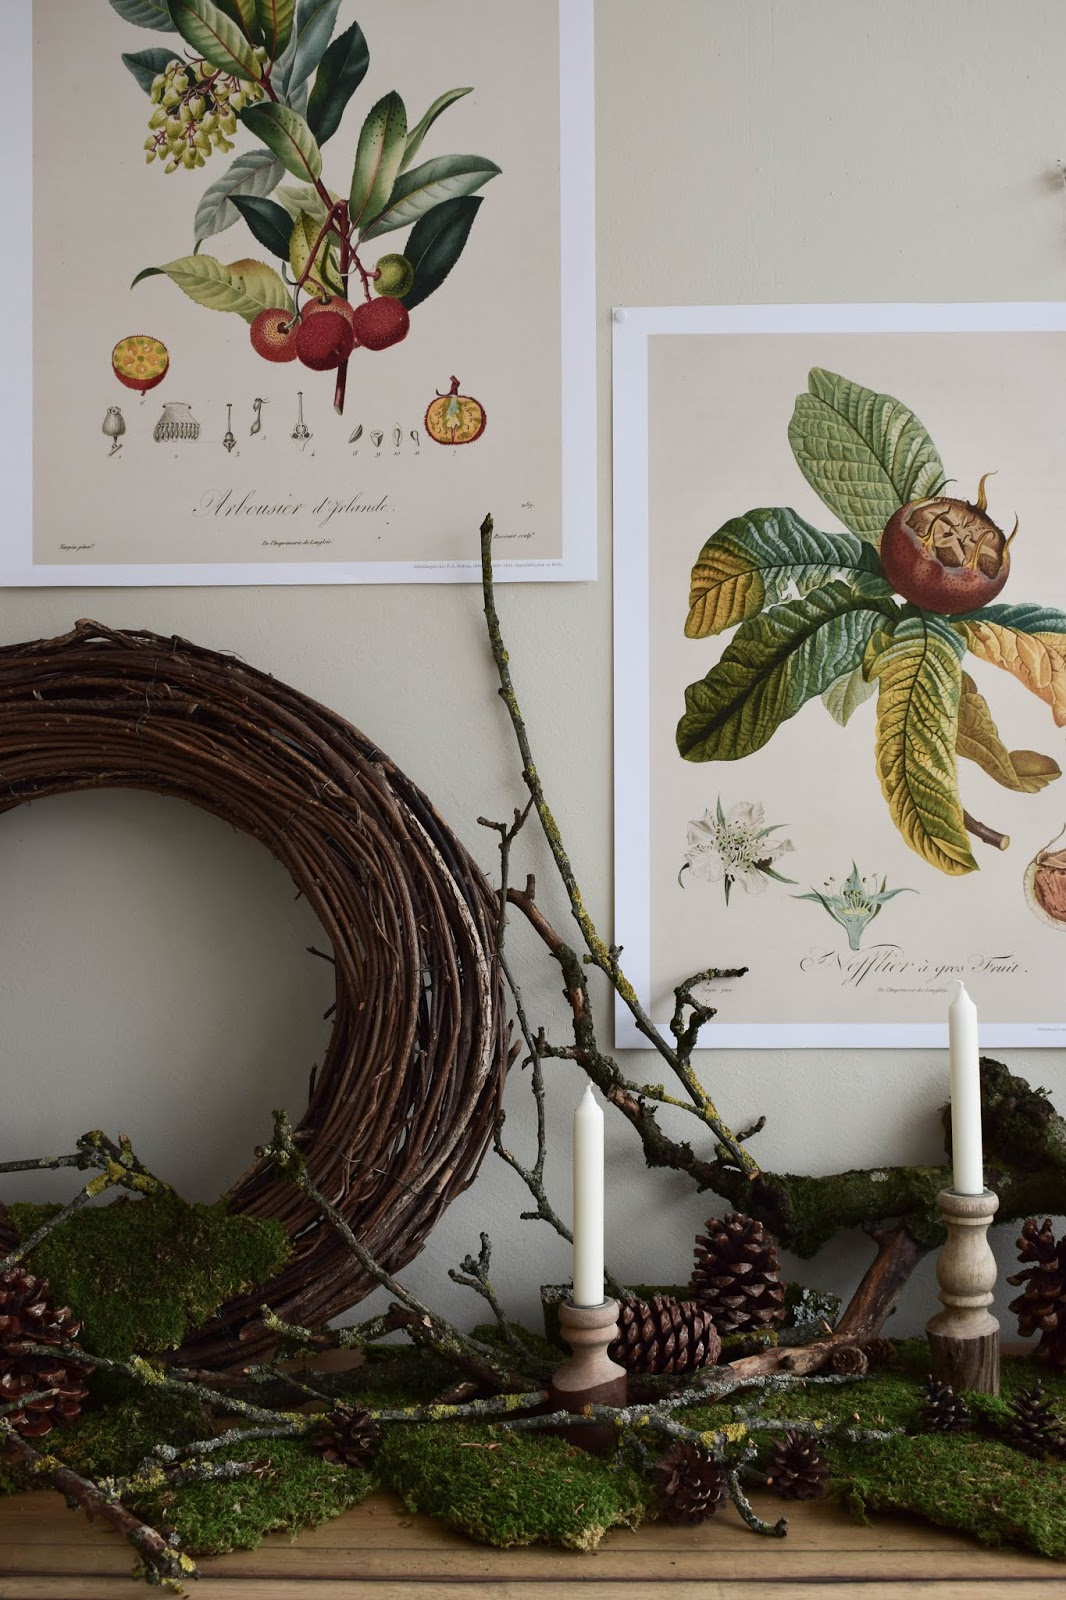 Naturdeko mit Moos Ästen Kranz Zapfen Kalender 2019 mit botanischen Zeichnungen Drucke Poster Deko Dekoidee Wanddeko von DUMONT teNeues